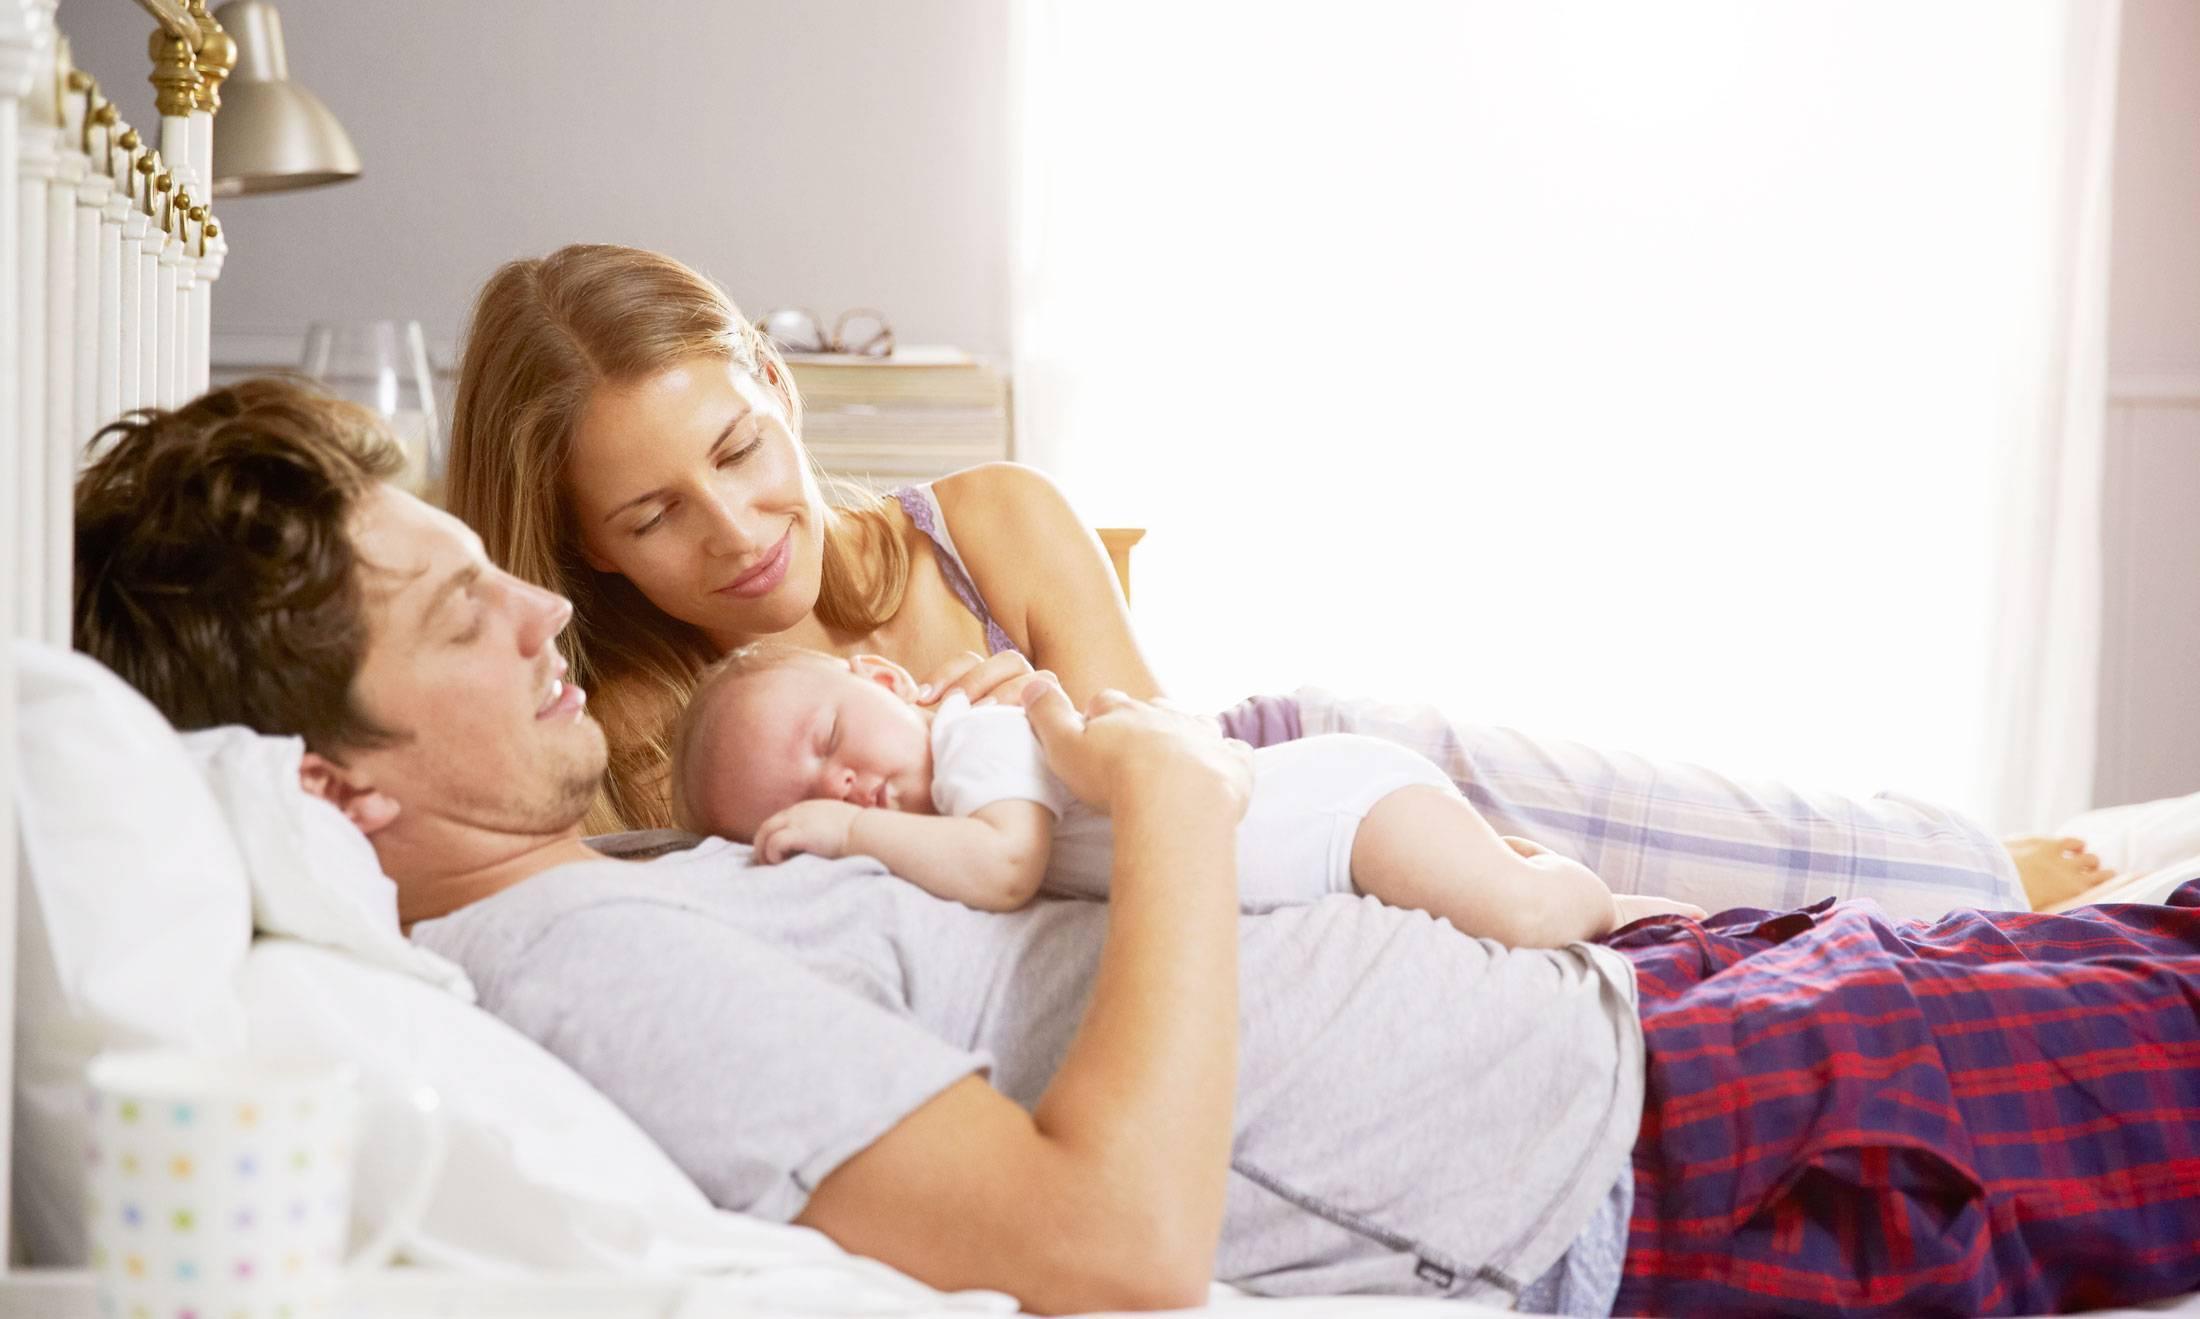 Совместный сон с грудничком: все за и против по мнению специалистов